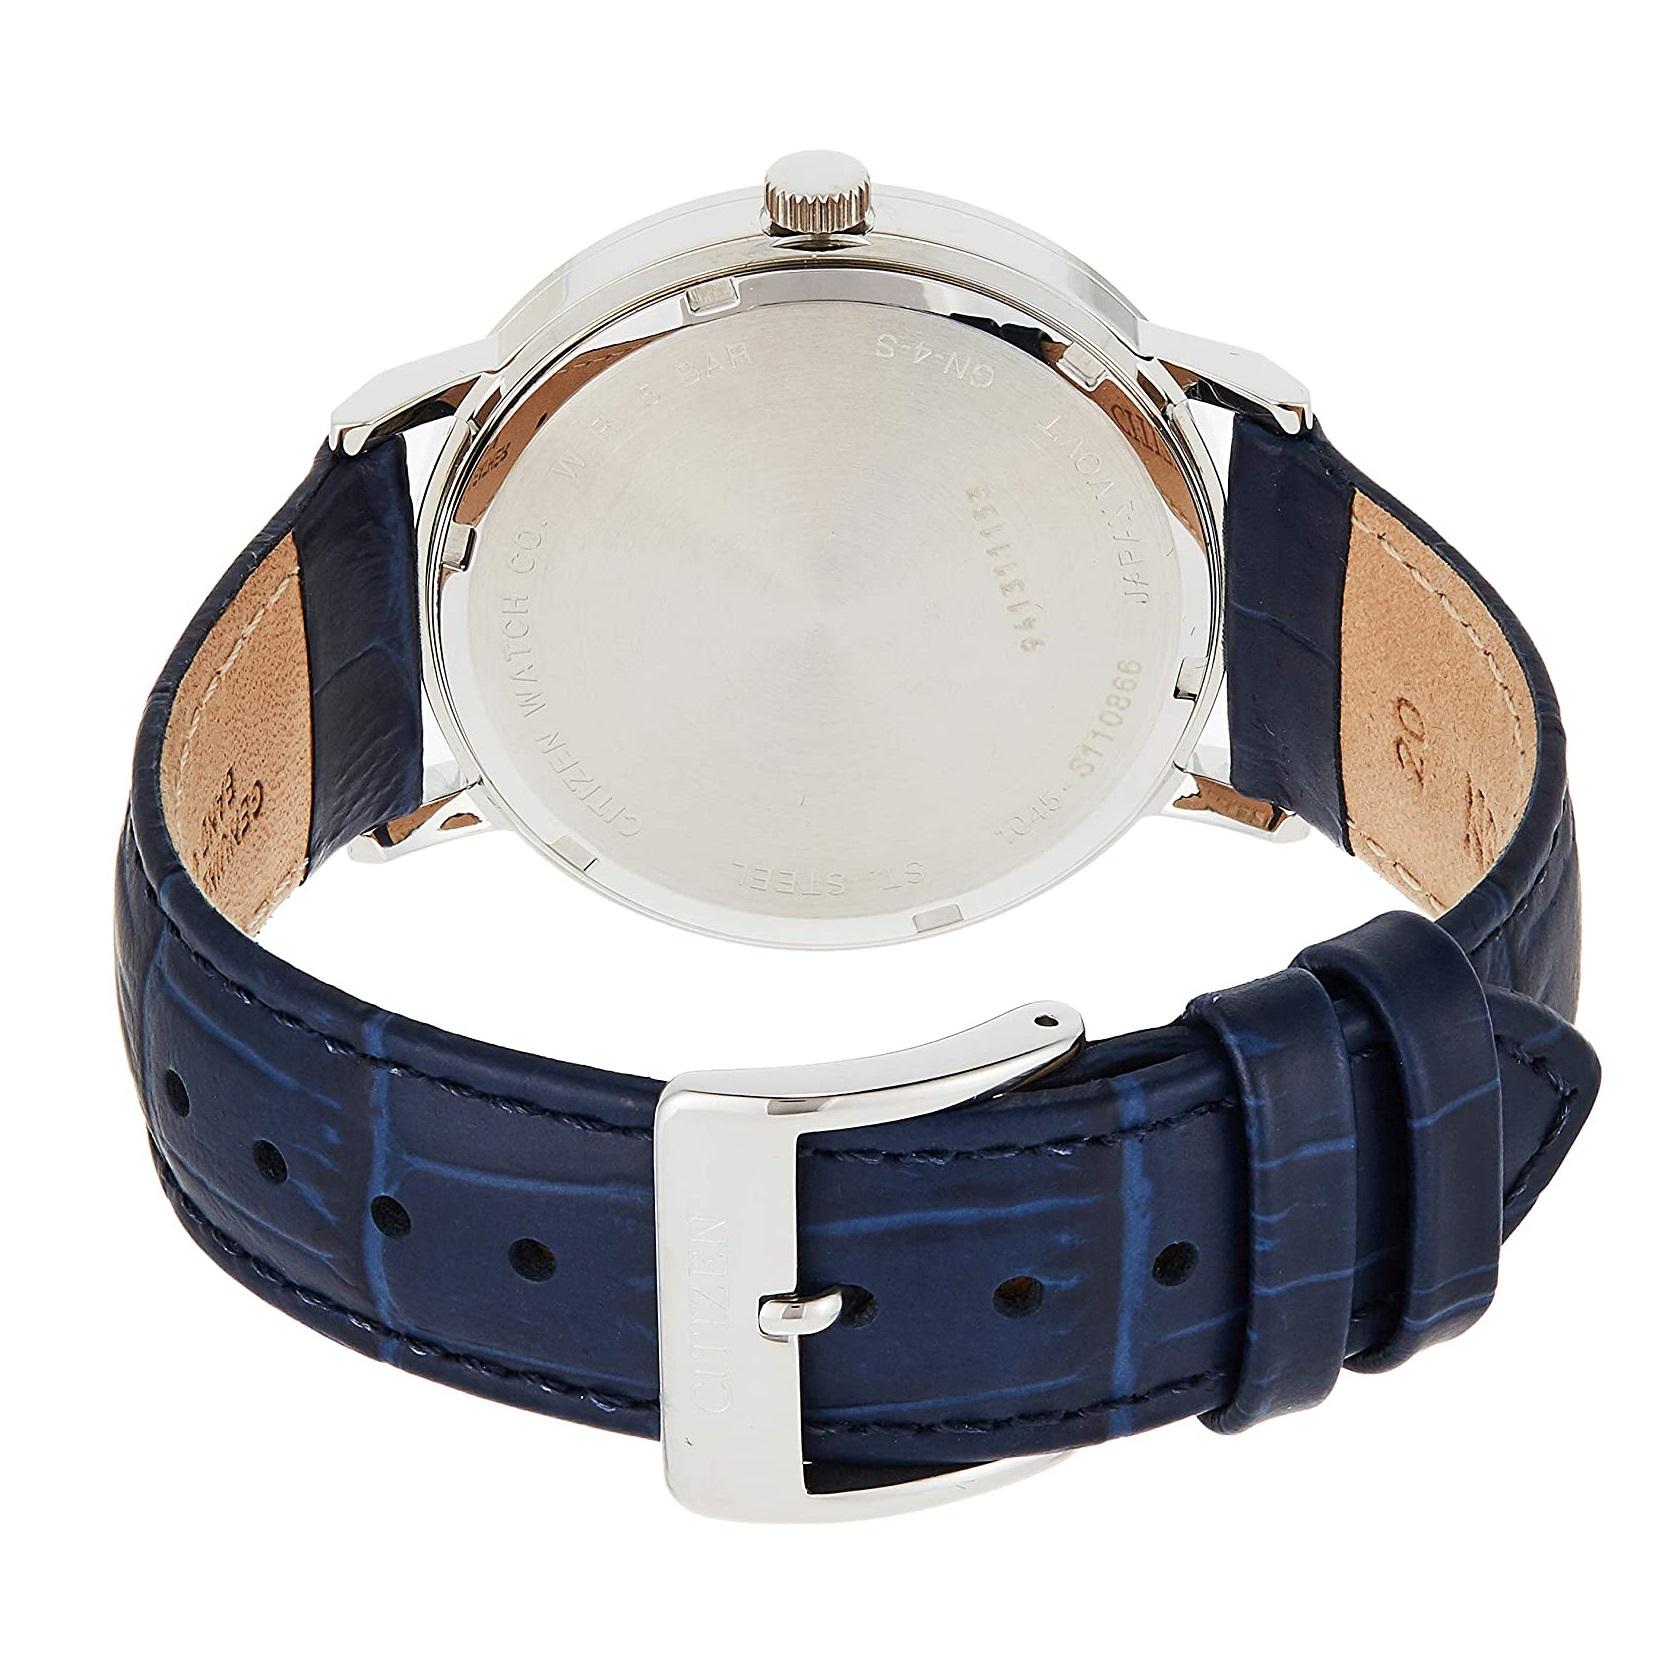 ساعت مچی عقربهای مردانه سیتی زن مدل BE9170-05L